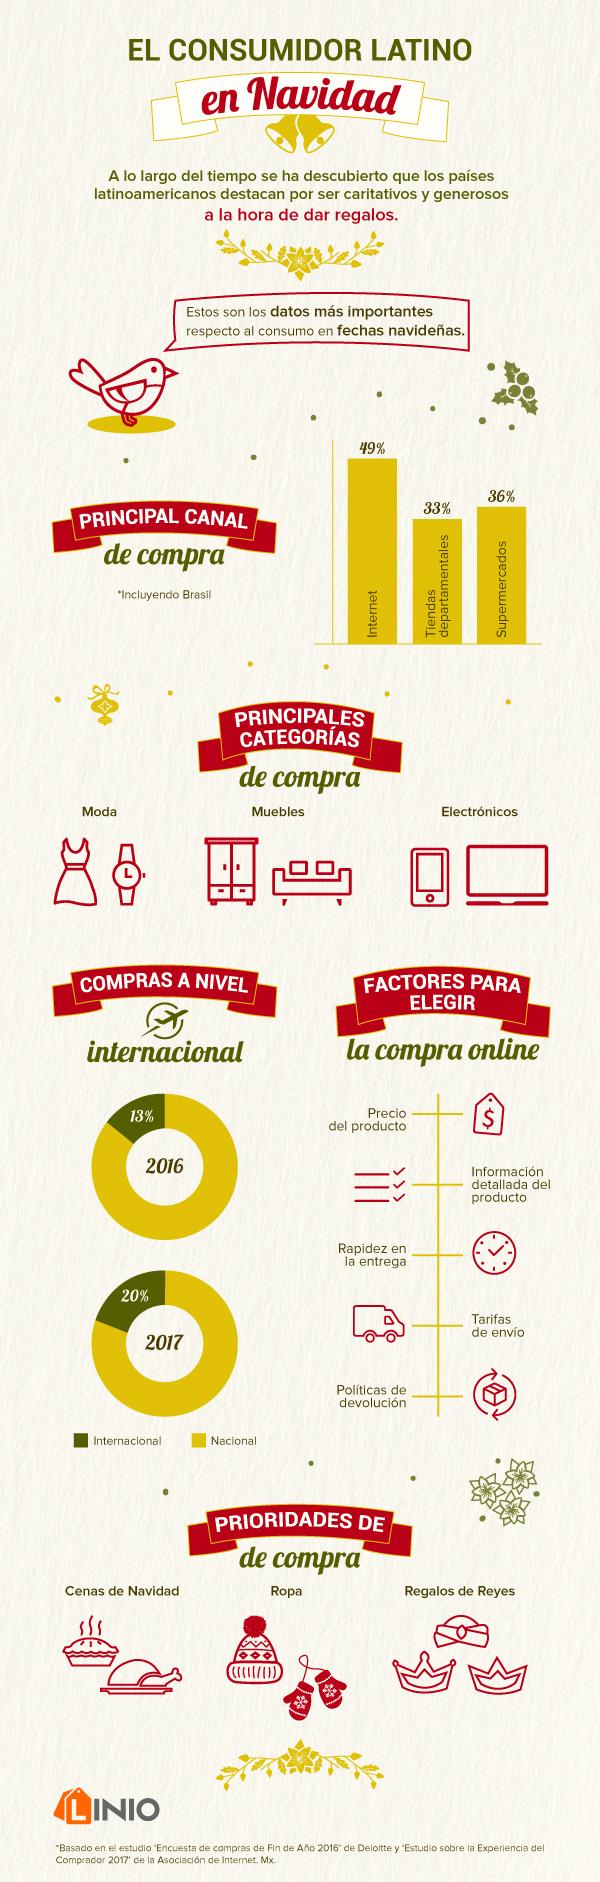 Datos de los consumidores Latinos durante épocas decembrinas - habitos-de-compra-navidad-2017-1